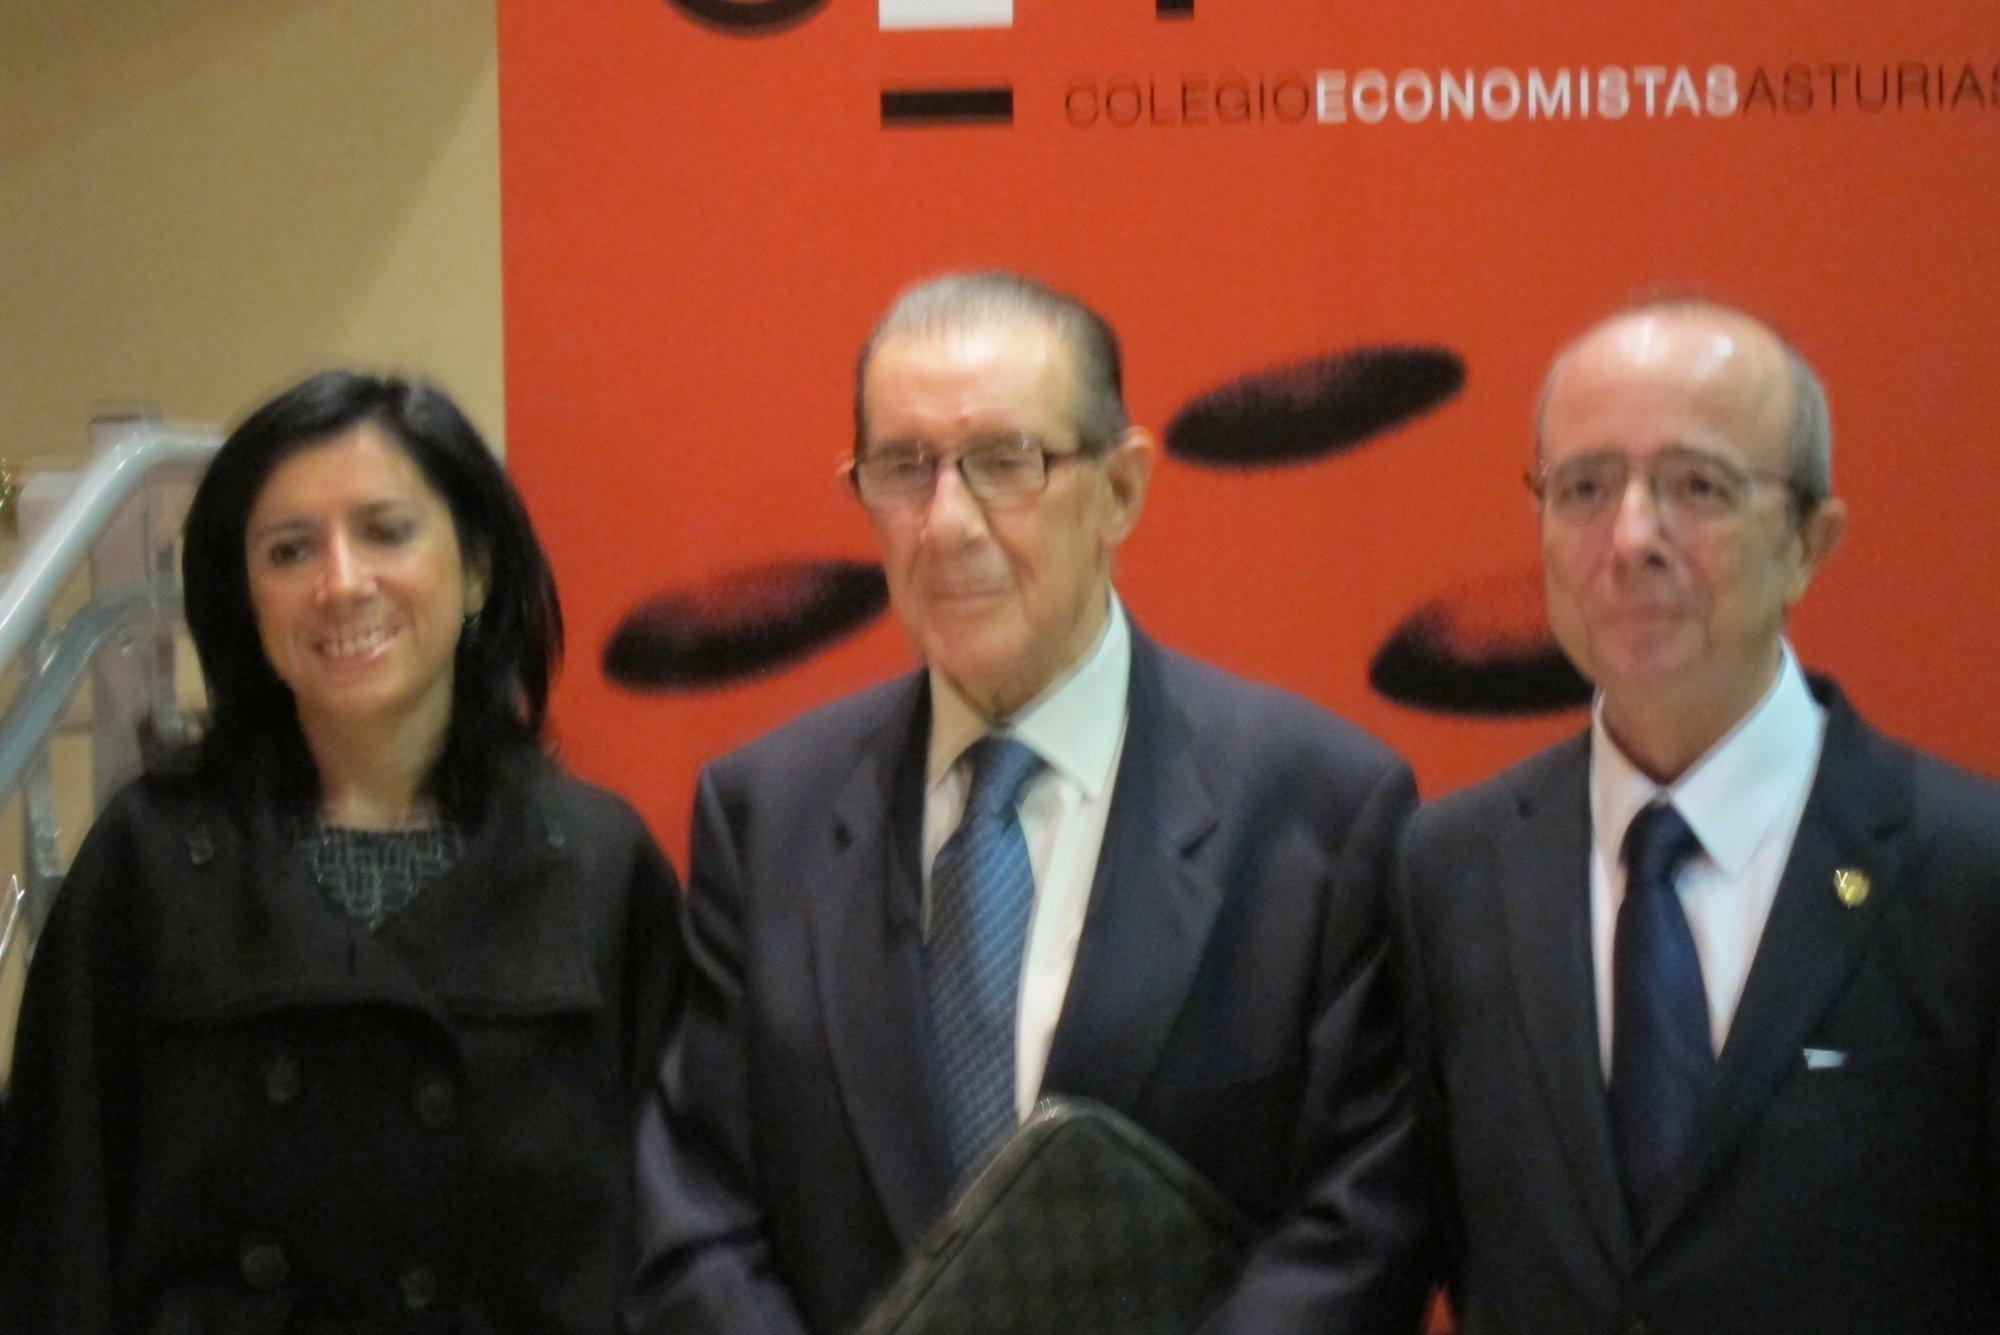 Juan Velarde cree que la falta de acuerdo sobre el presupuesto de la UE perjudica a España